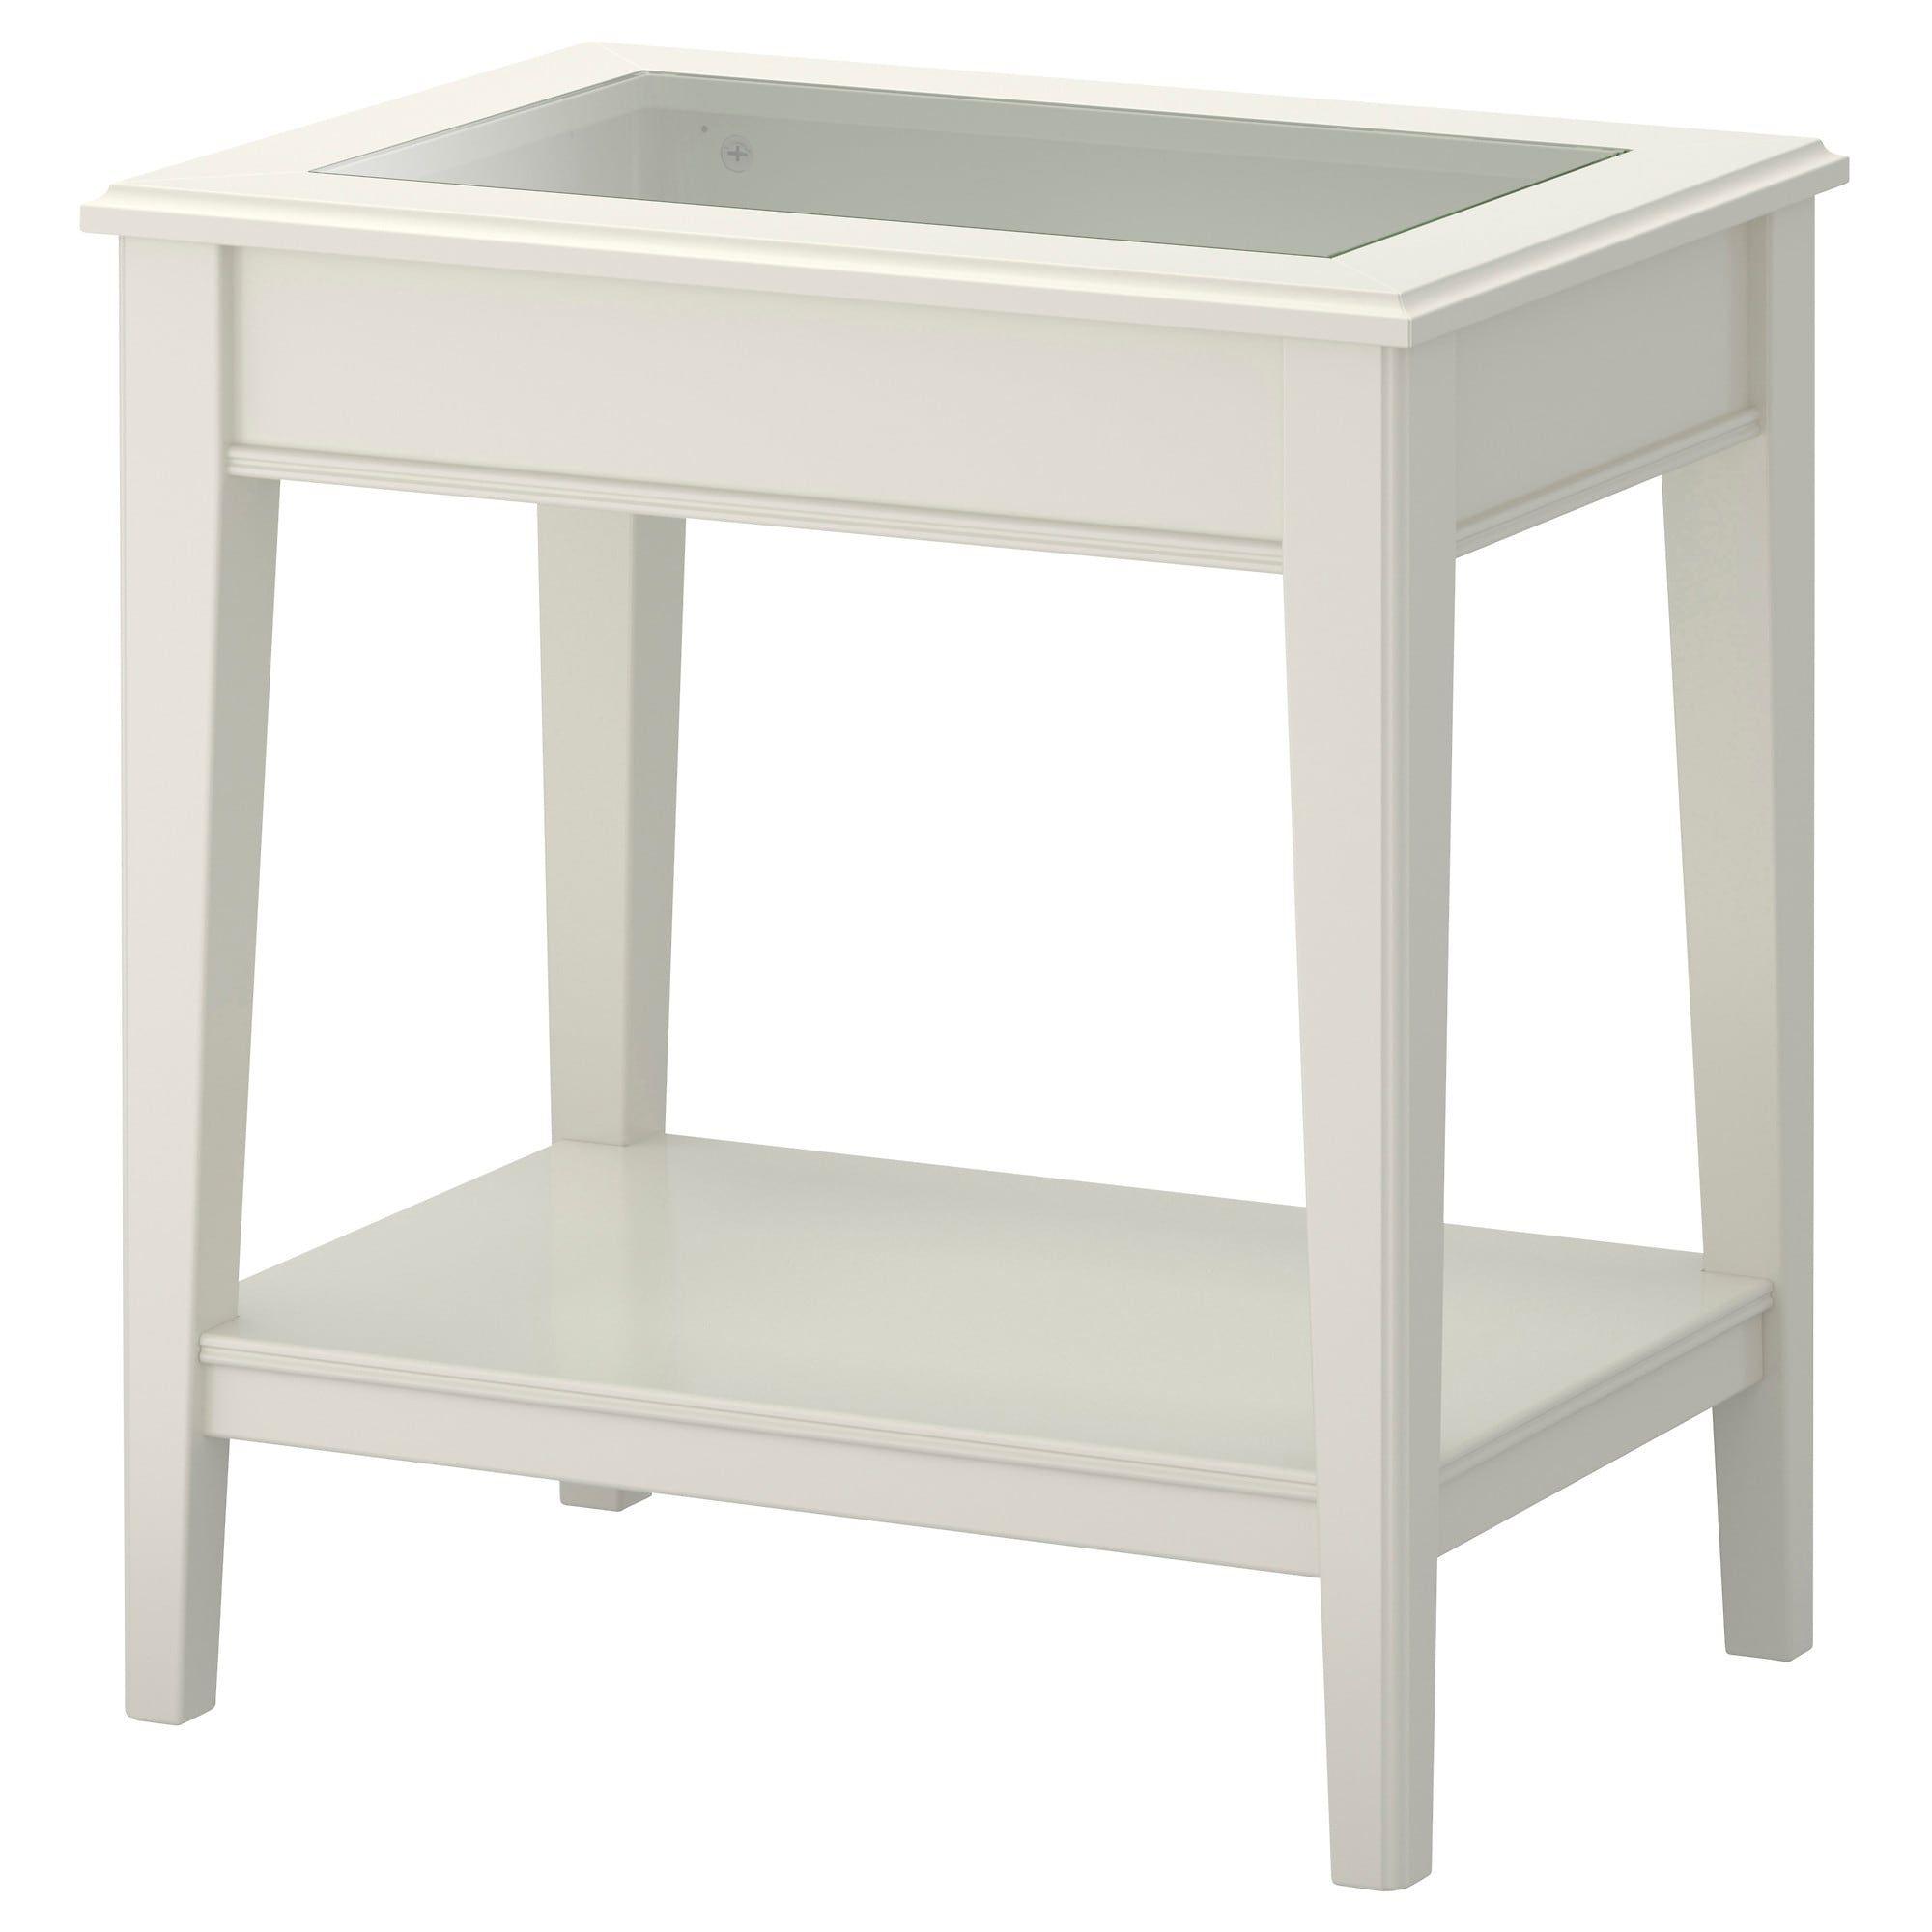 Liatorp Side Table White Glass 22 1 2x15 3 4 Ikea Ikea